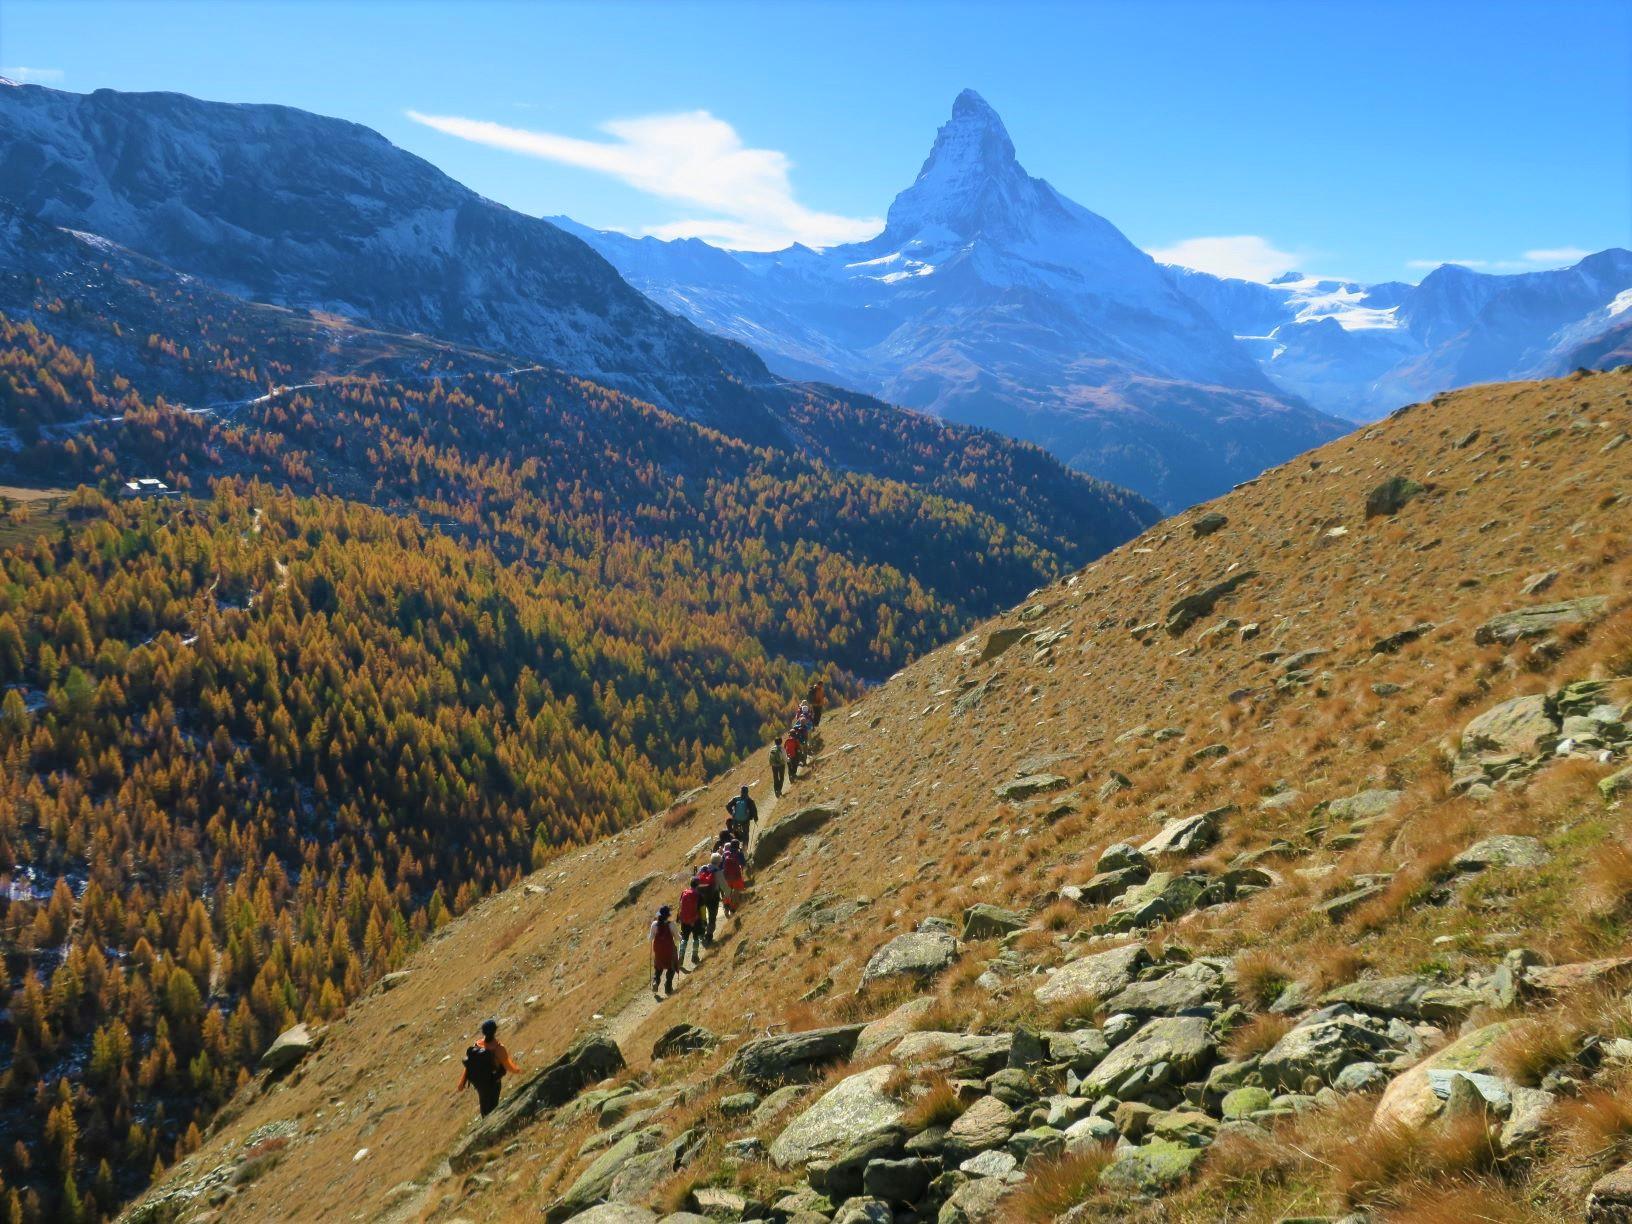 秋のスイス・アルプス 3つの隠れ里を巡る旅 10日間